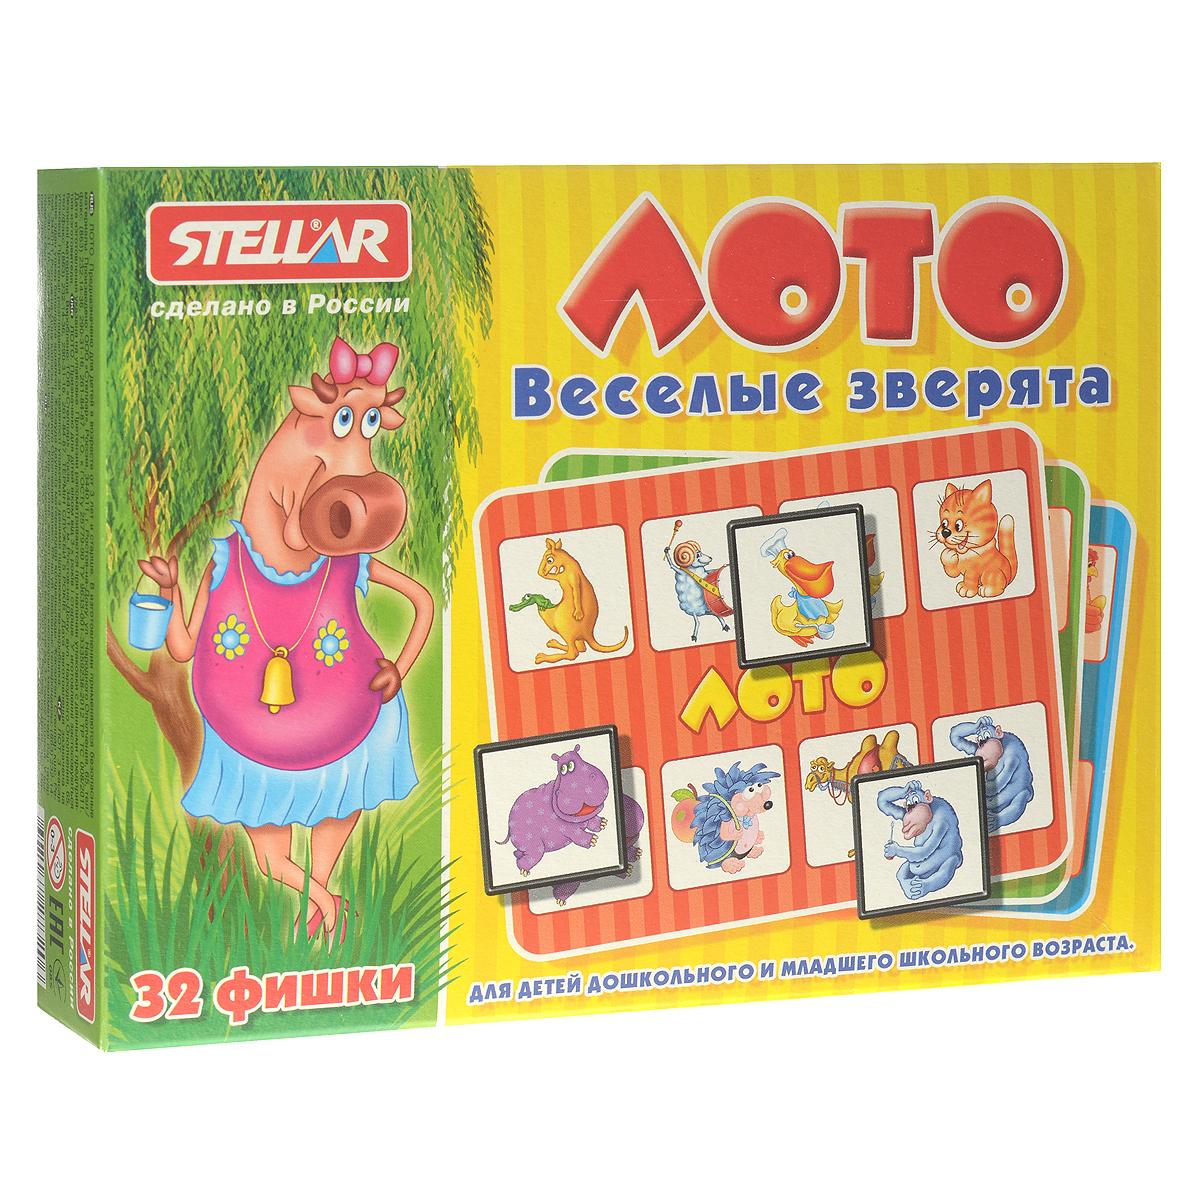 Лото Stellar Веселые зверята00905Лото Stellar Веселые зверята обязательно понравится вашему малышу. Комплект игры включает в себя 32 ярких фишки, выполненные из безопасного полистирола, 4 картонных карточки с забавными рисунками и полиэтиленовый мешочек для перемешивания фишек. В игре могут принимать участие до 4 человек. Фишки складываются в мешочек, игрокам раздают карточки. Ведущий достает фишки из мешка, а игроки накрывают ими совпавшие картинки. Выигрывает тот, кто первым накроет фишками все картинки. Также красочные фишки можно использовать в качестве обучающего материала - на примере картинок вы сможете рассказать малышу разных животных. Игра в лото не только подарит малышу множество веселых мгновений, но и поможет познакомиться с новыми словами, а также развить внимательность, логическое мышление и мелкую моторику.